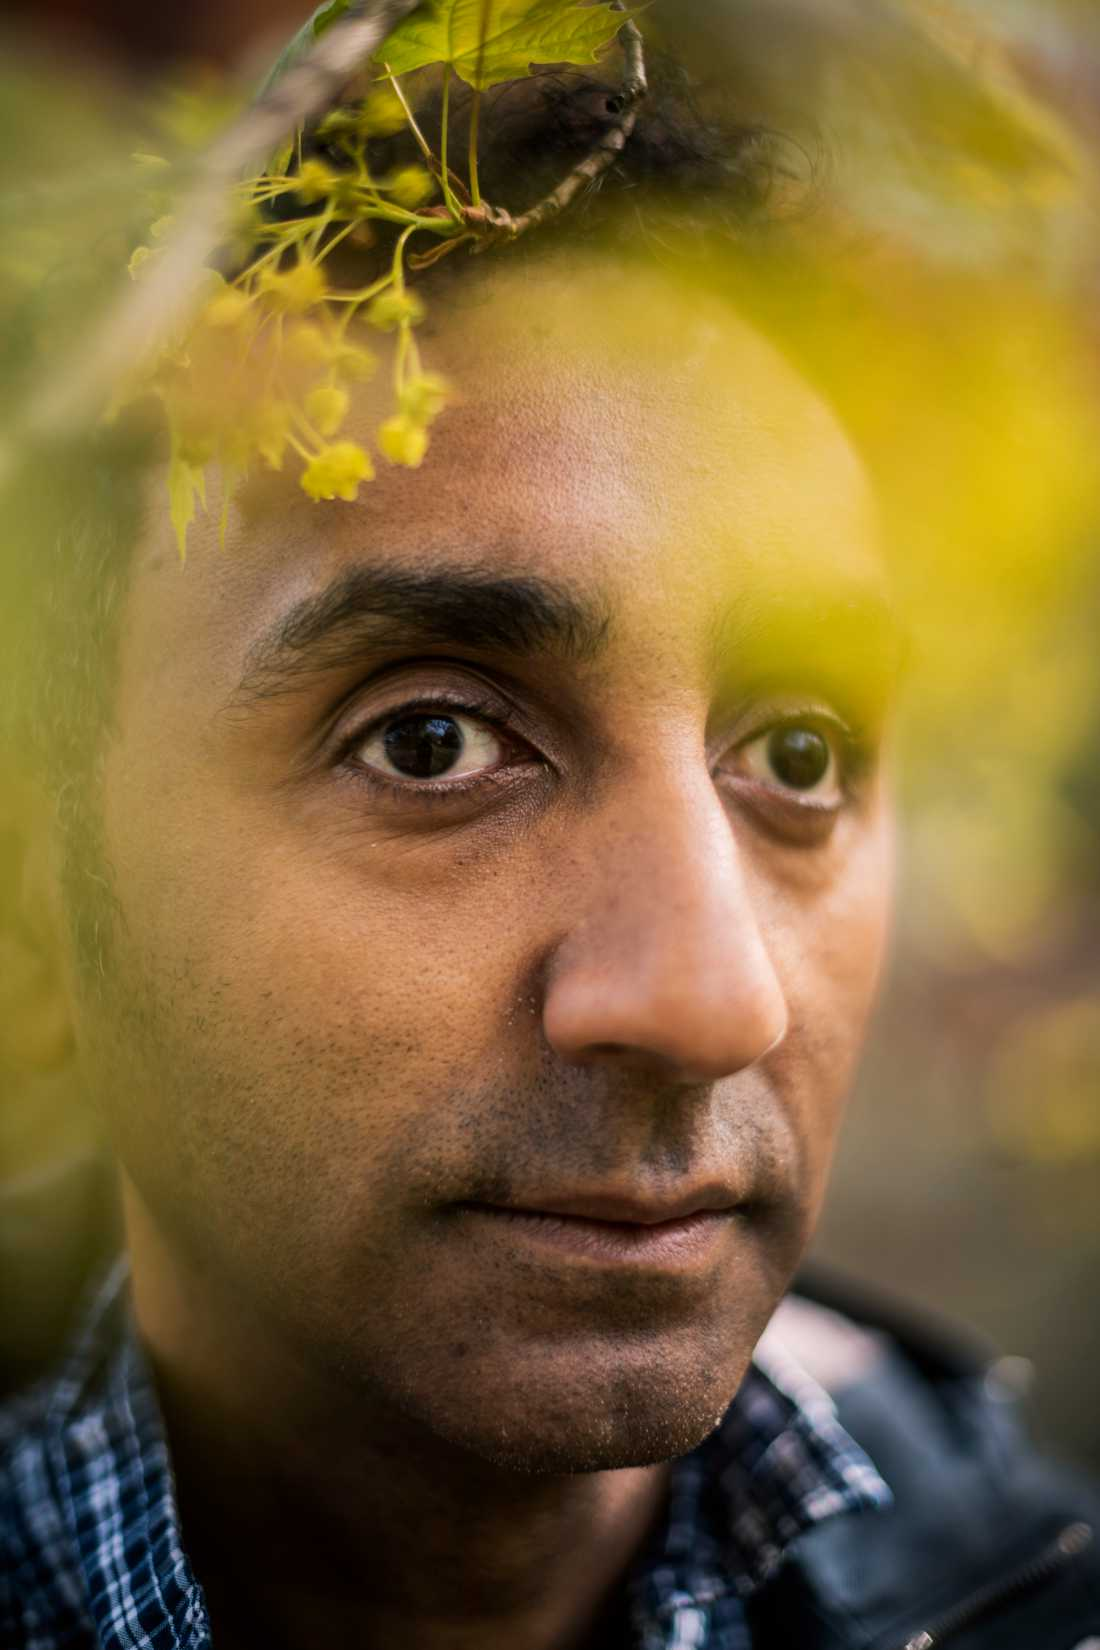 """Sami Said, född 1971 i Eritrea och uppvuxen i Göteborg, prisas för sin roman """"Människan är den vackraste staden""""."""